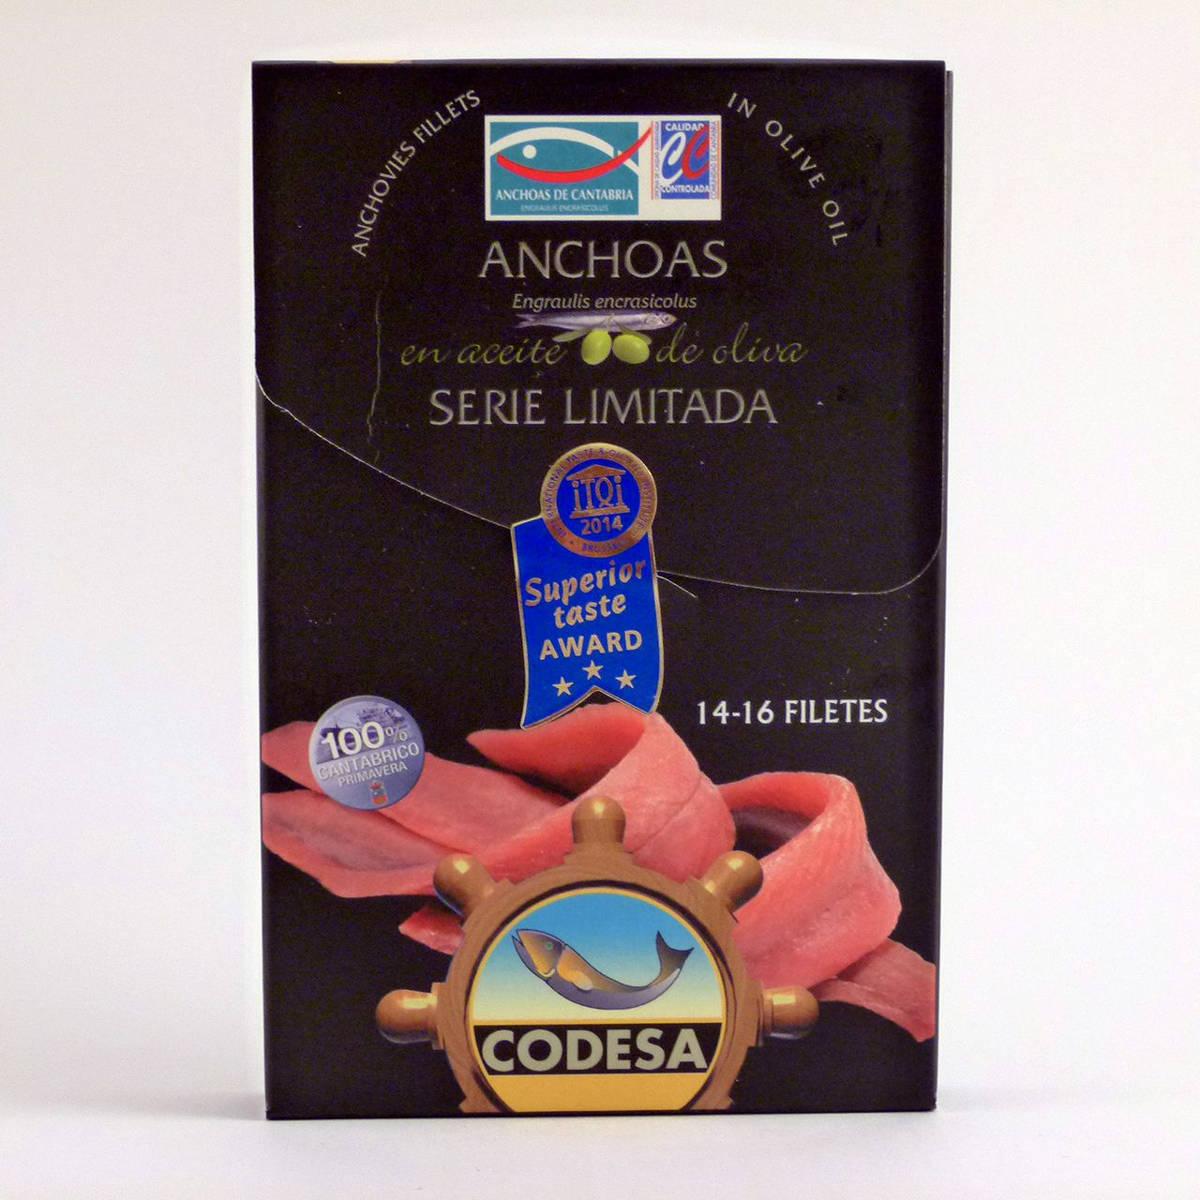 Anchoas Codesa Serie Limitada Lata de 14-16 filetes en aceite de oliva